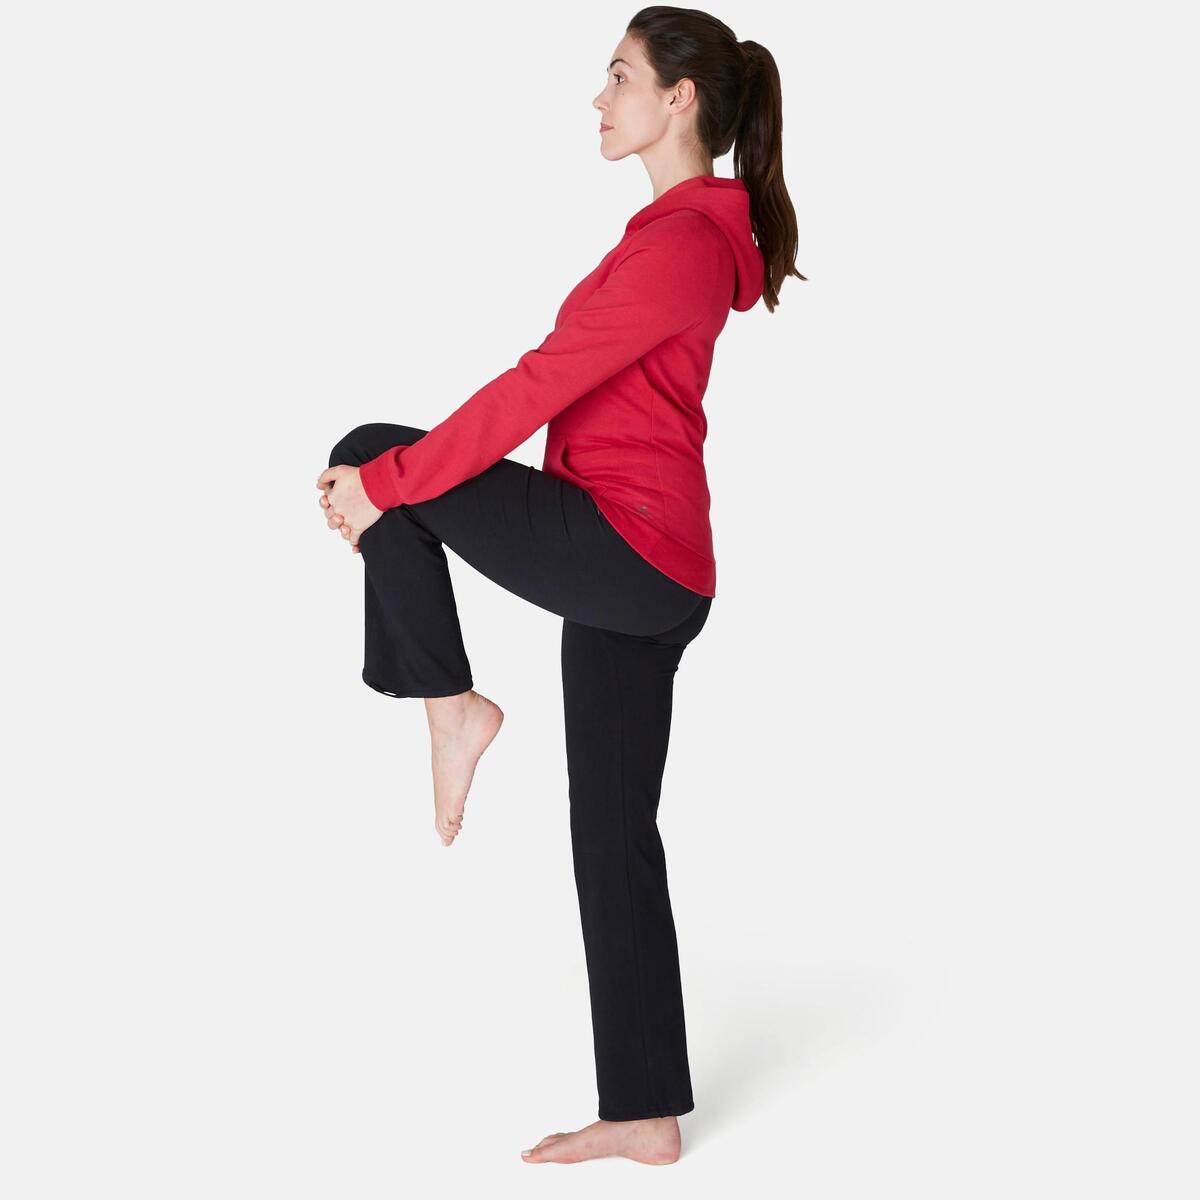 Bild 2 von Kapuzenpullover 520 Pilates sanfte Gymnastik Damen rot